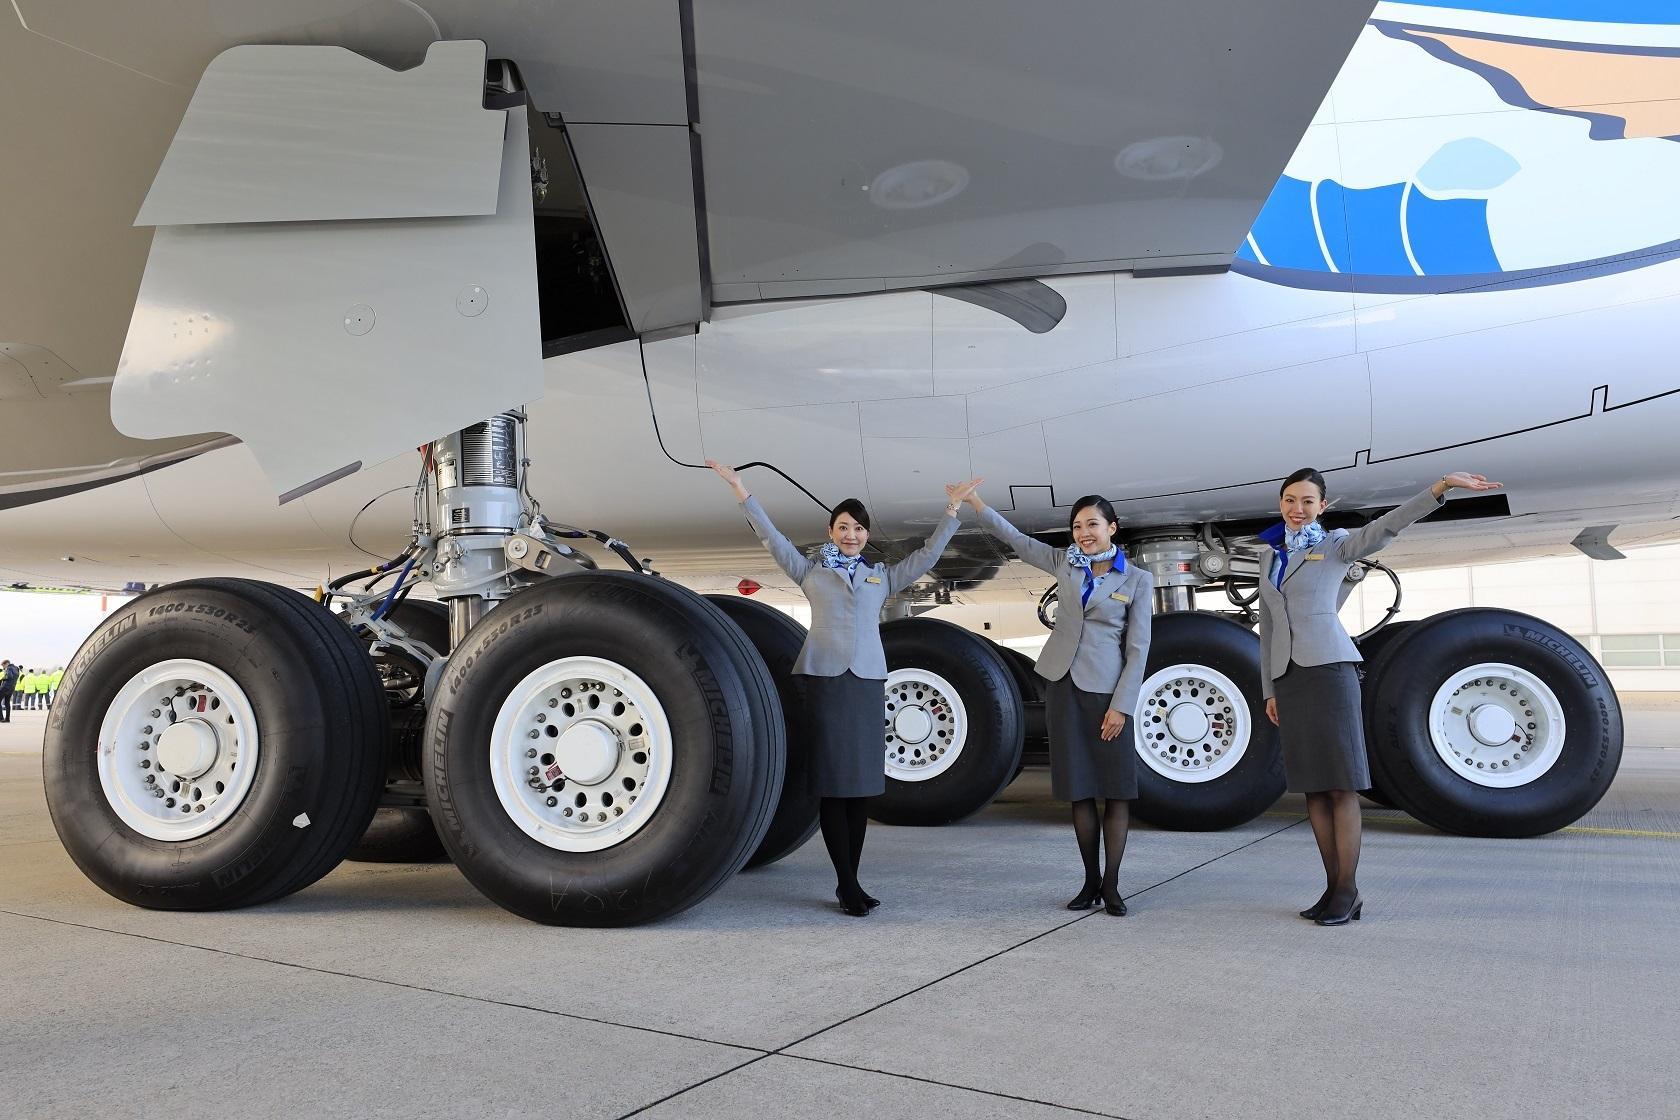 Мишлен привезла на МАКС-2019 авиационные экошины Michelin Air X